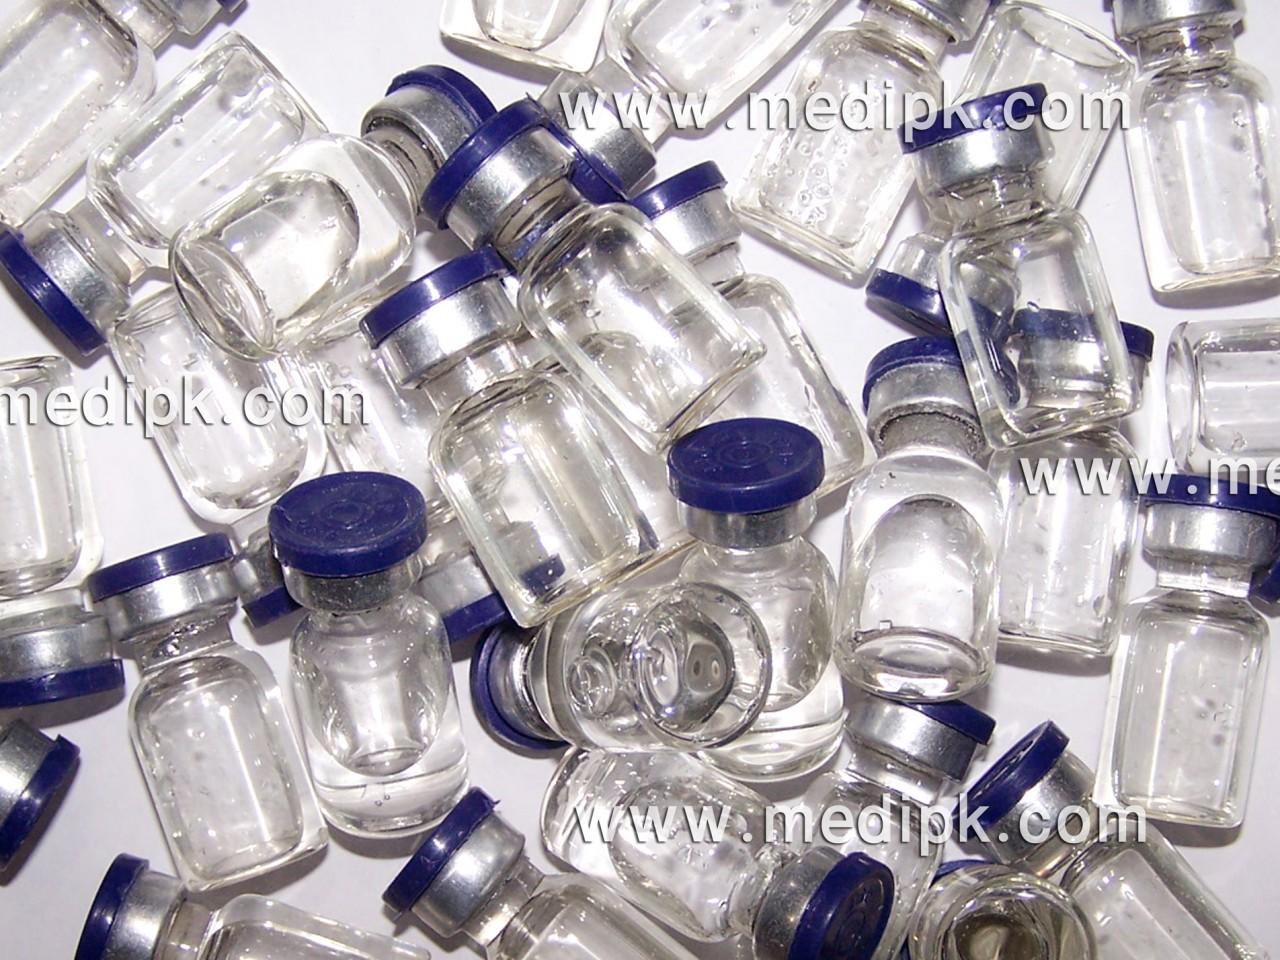 generic valium purchase